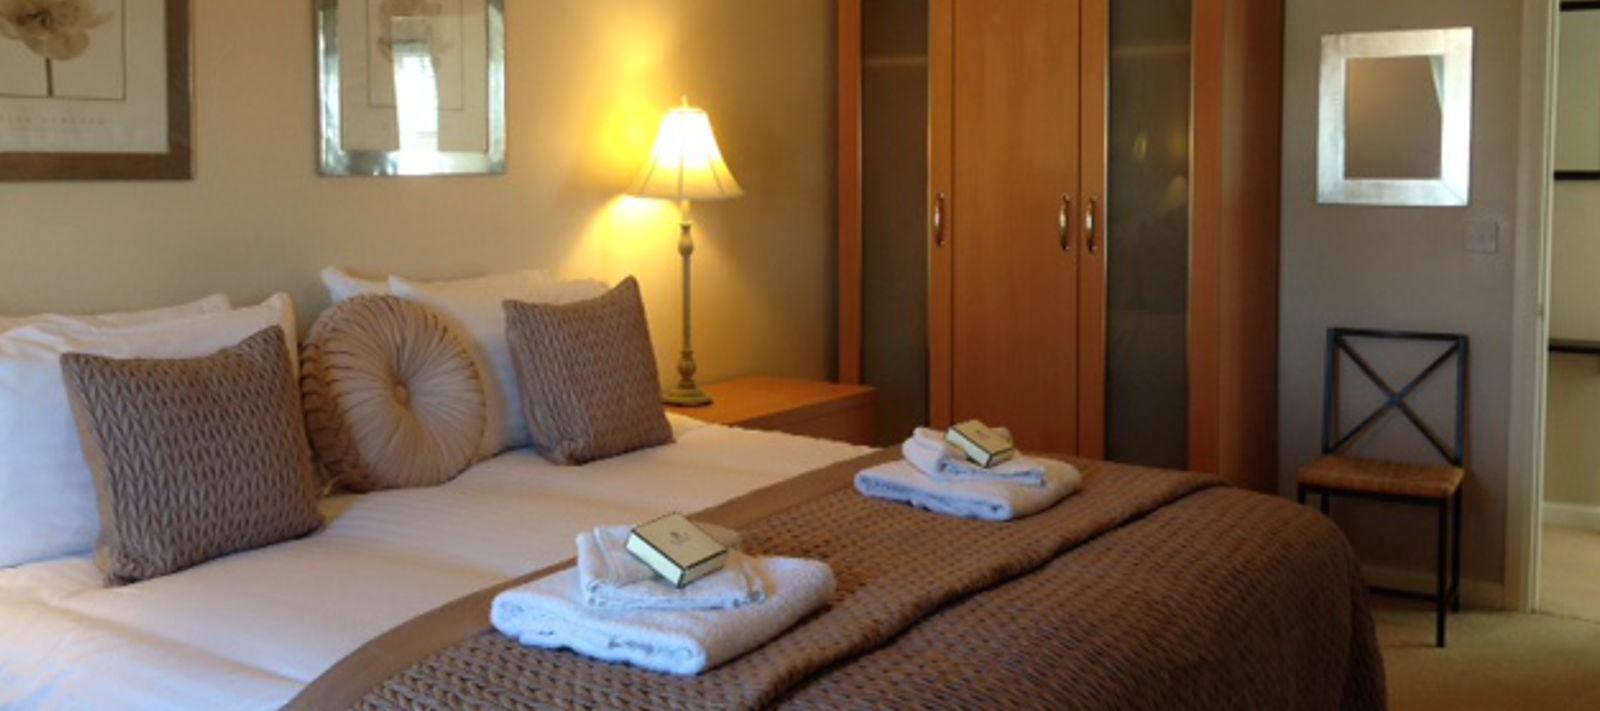 दो बेडरूम अपार्टमेंट, माल्वर्न रोड